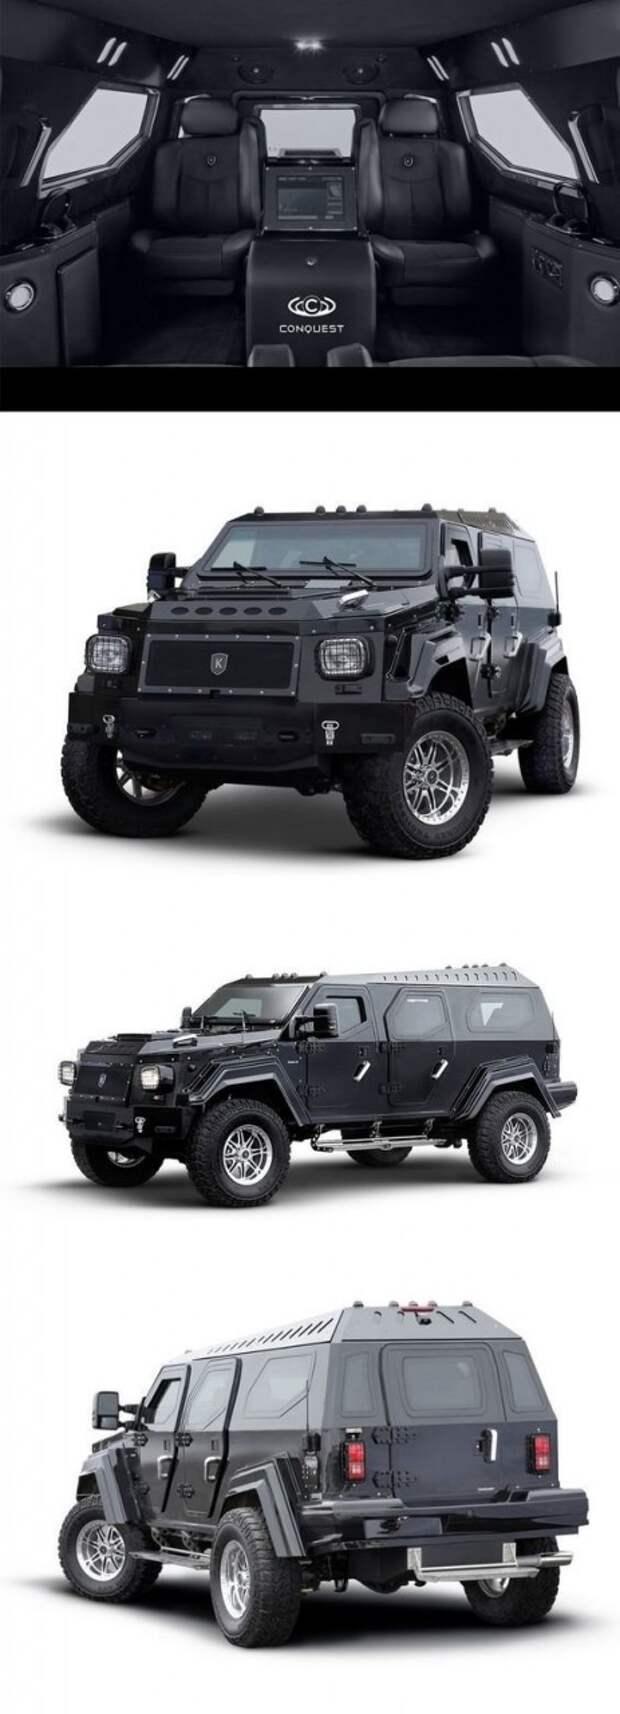 Conquest Knight XV может быть оснащен как бензиновой 6-литровой V-образной восьмеркой, мощностью 325 л.с., так и дизельным Cummins ISB с объемом 6,7 л авто. интересное, автомир, бронемашины, броня, самые-самые, факты